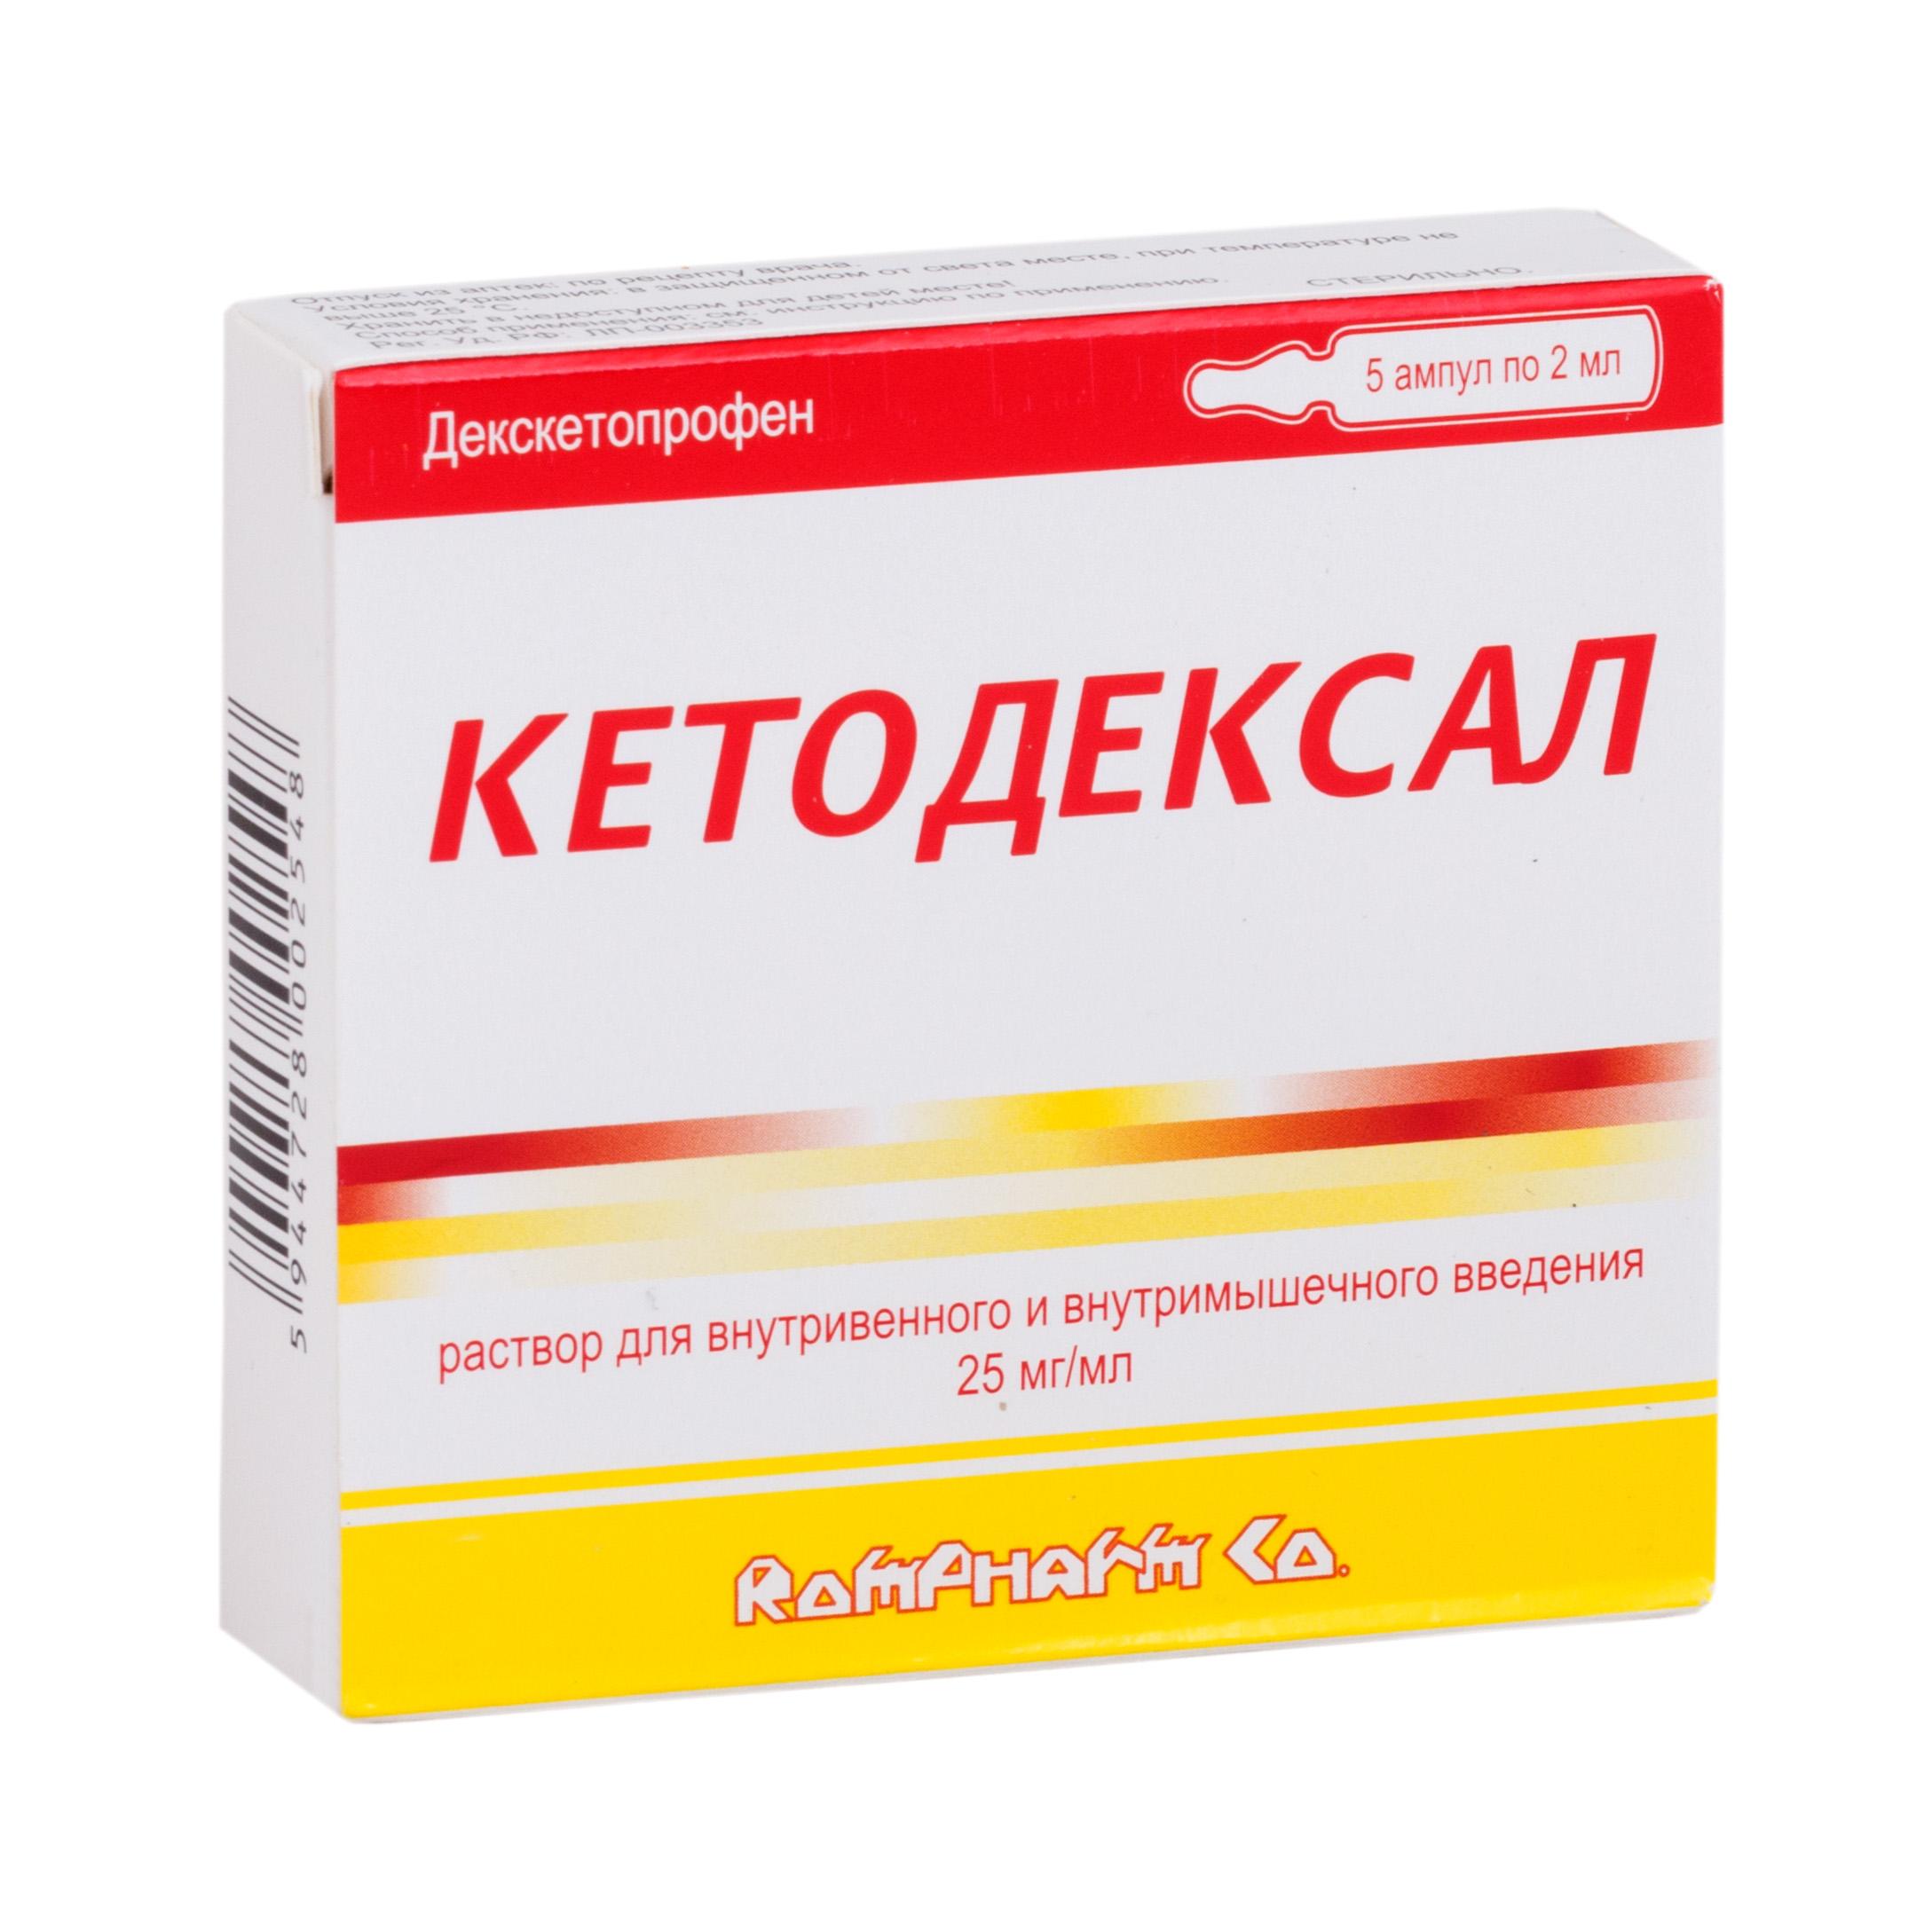 Кетодексал р-р в/в и в/м 25мг/мл 2мл n5